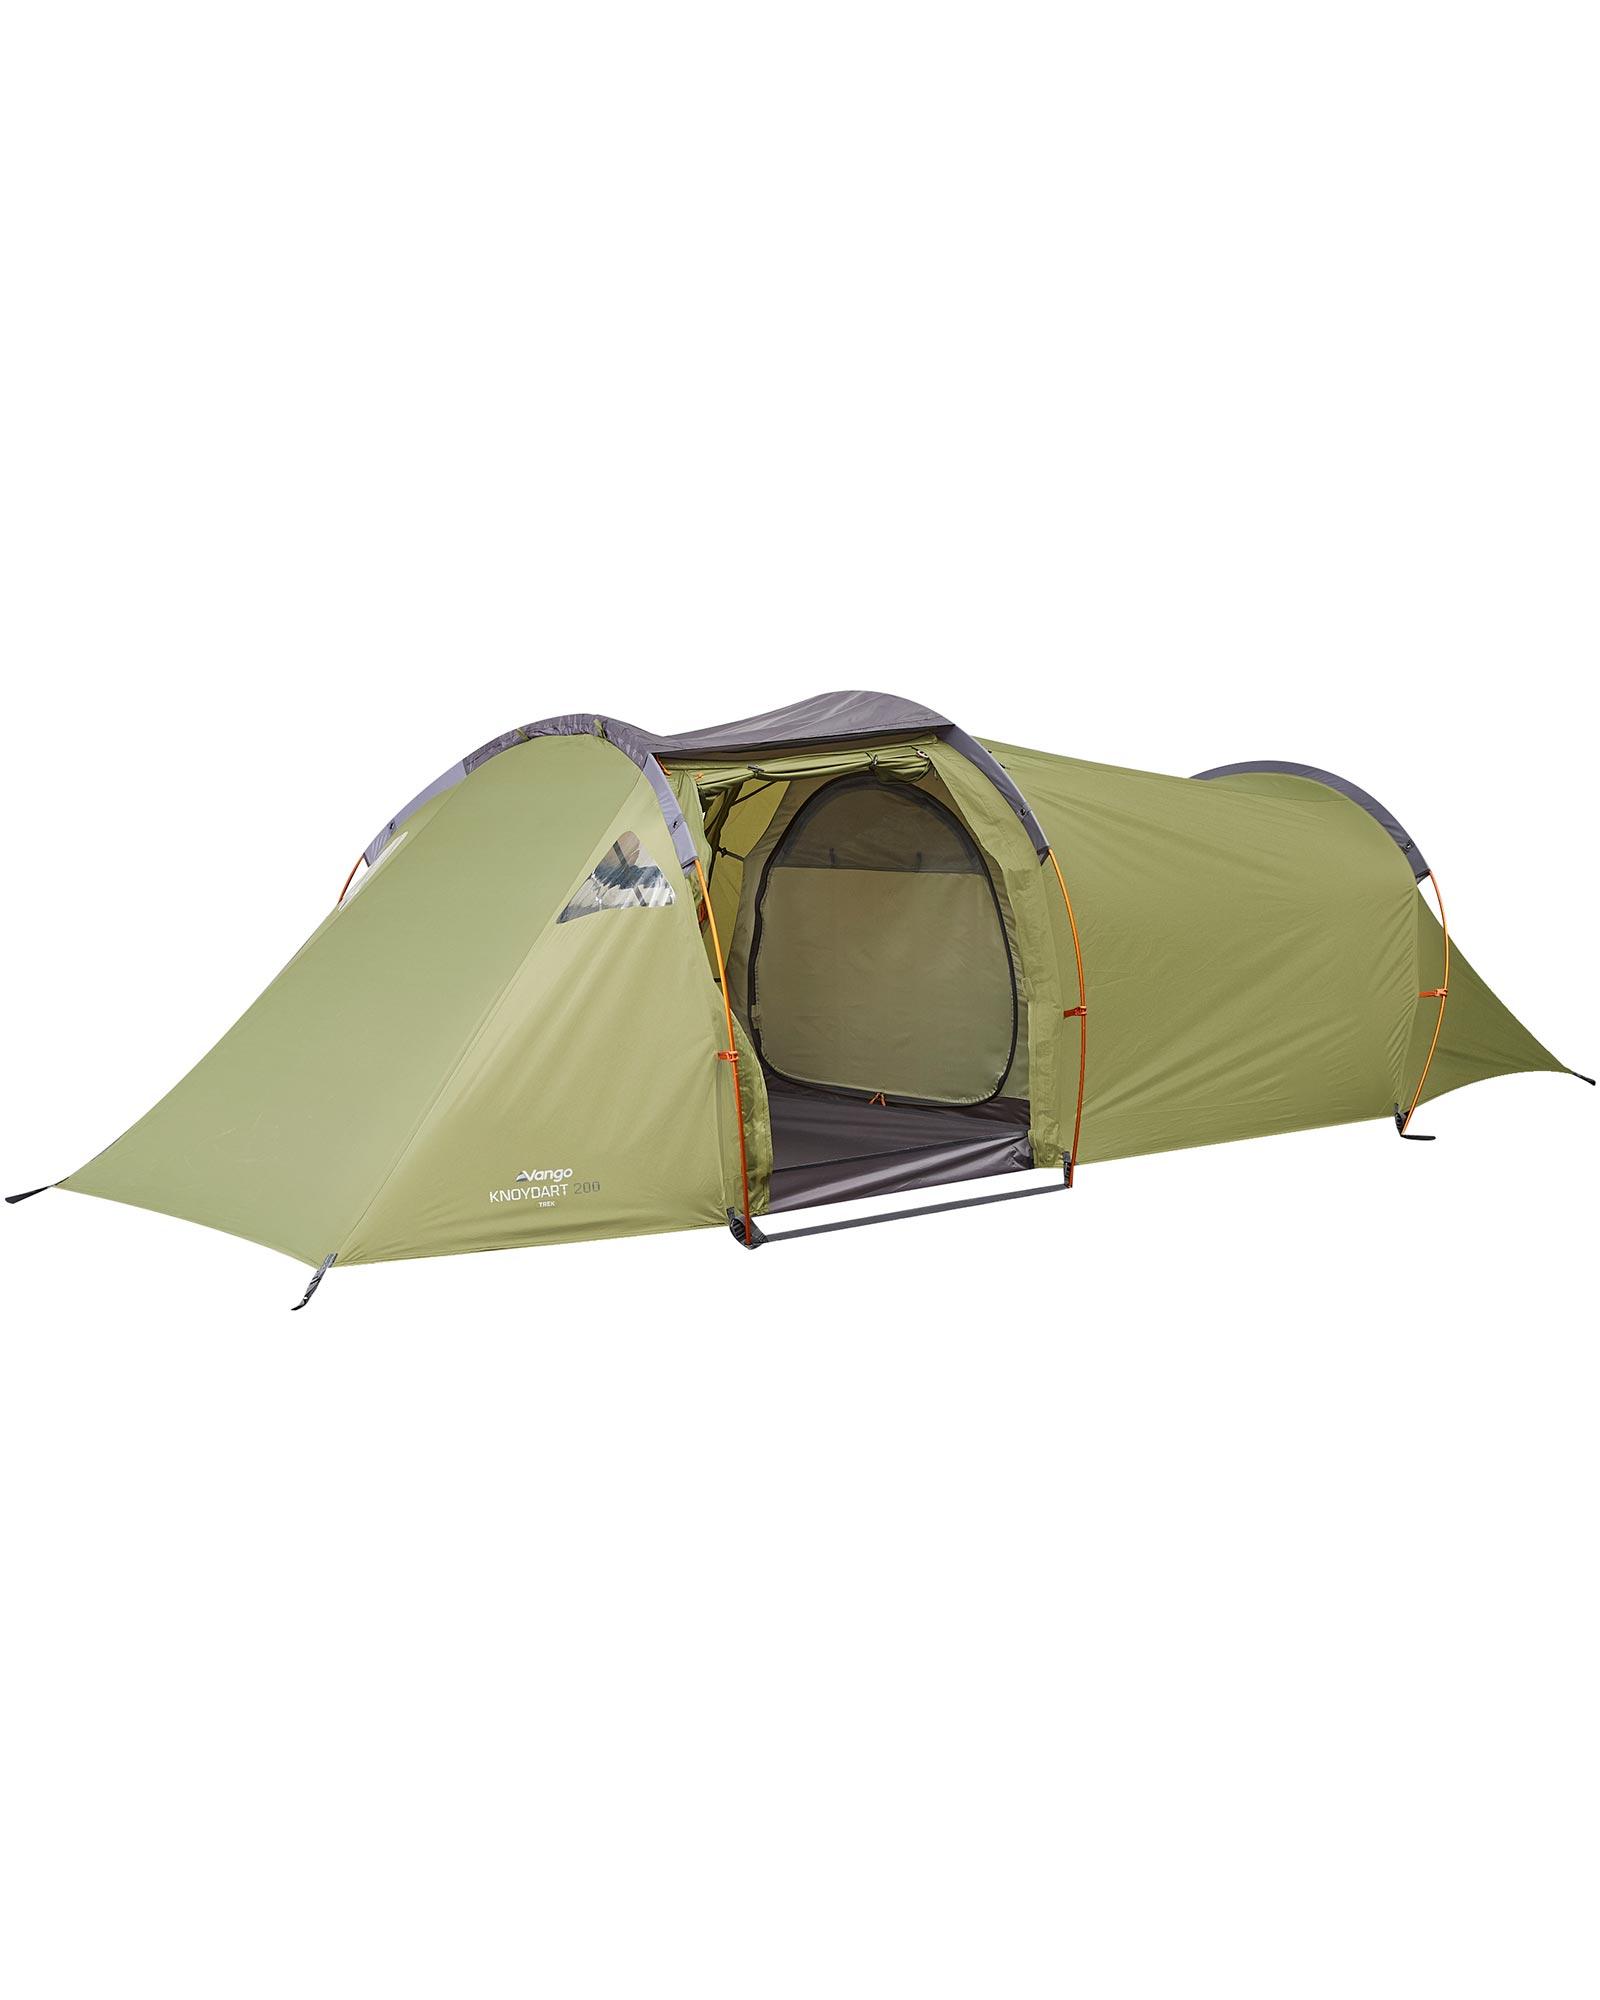 Vango Knoydart 200 Tent 0